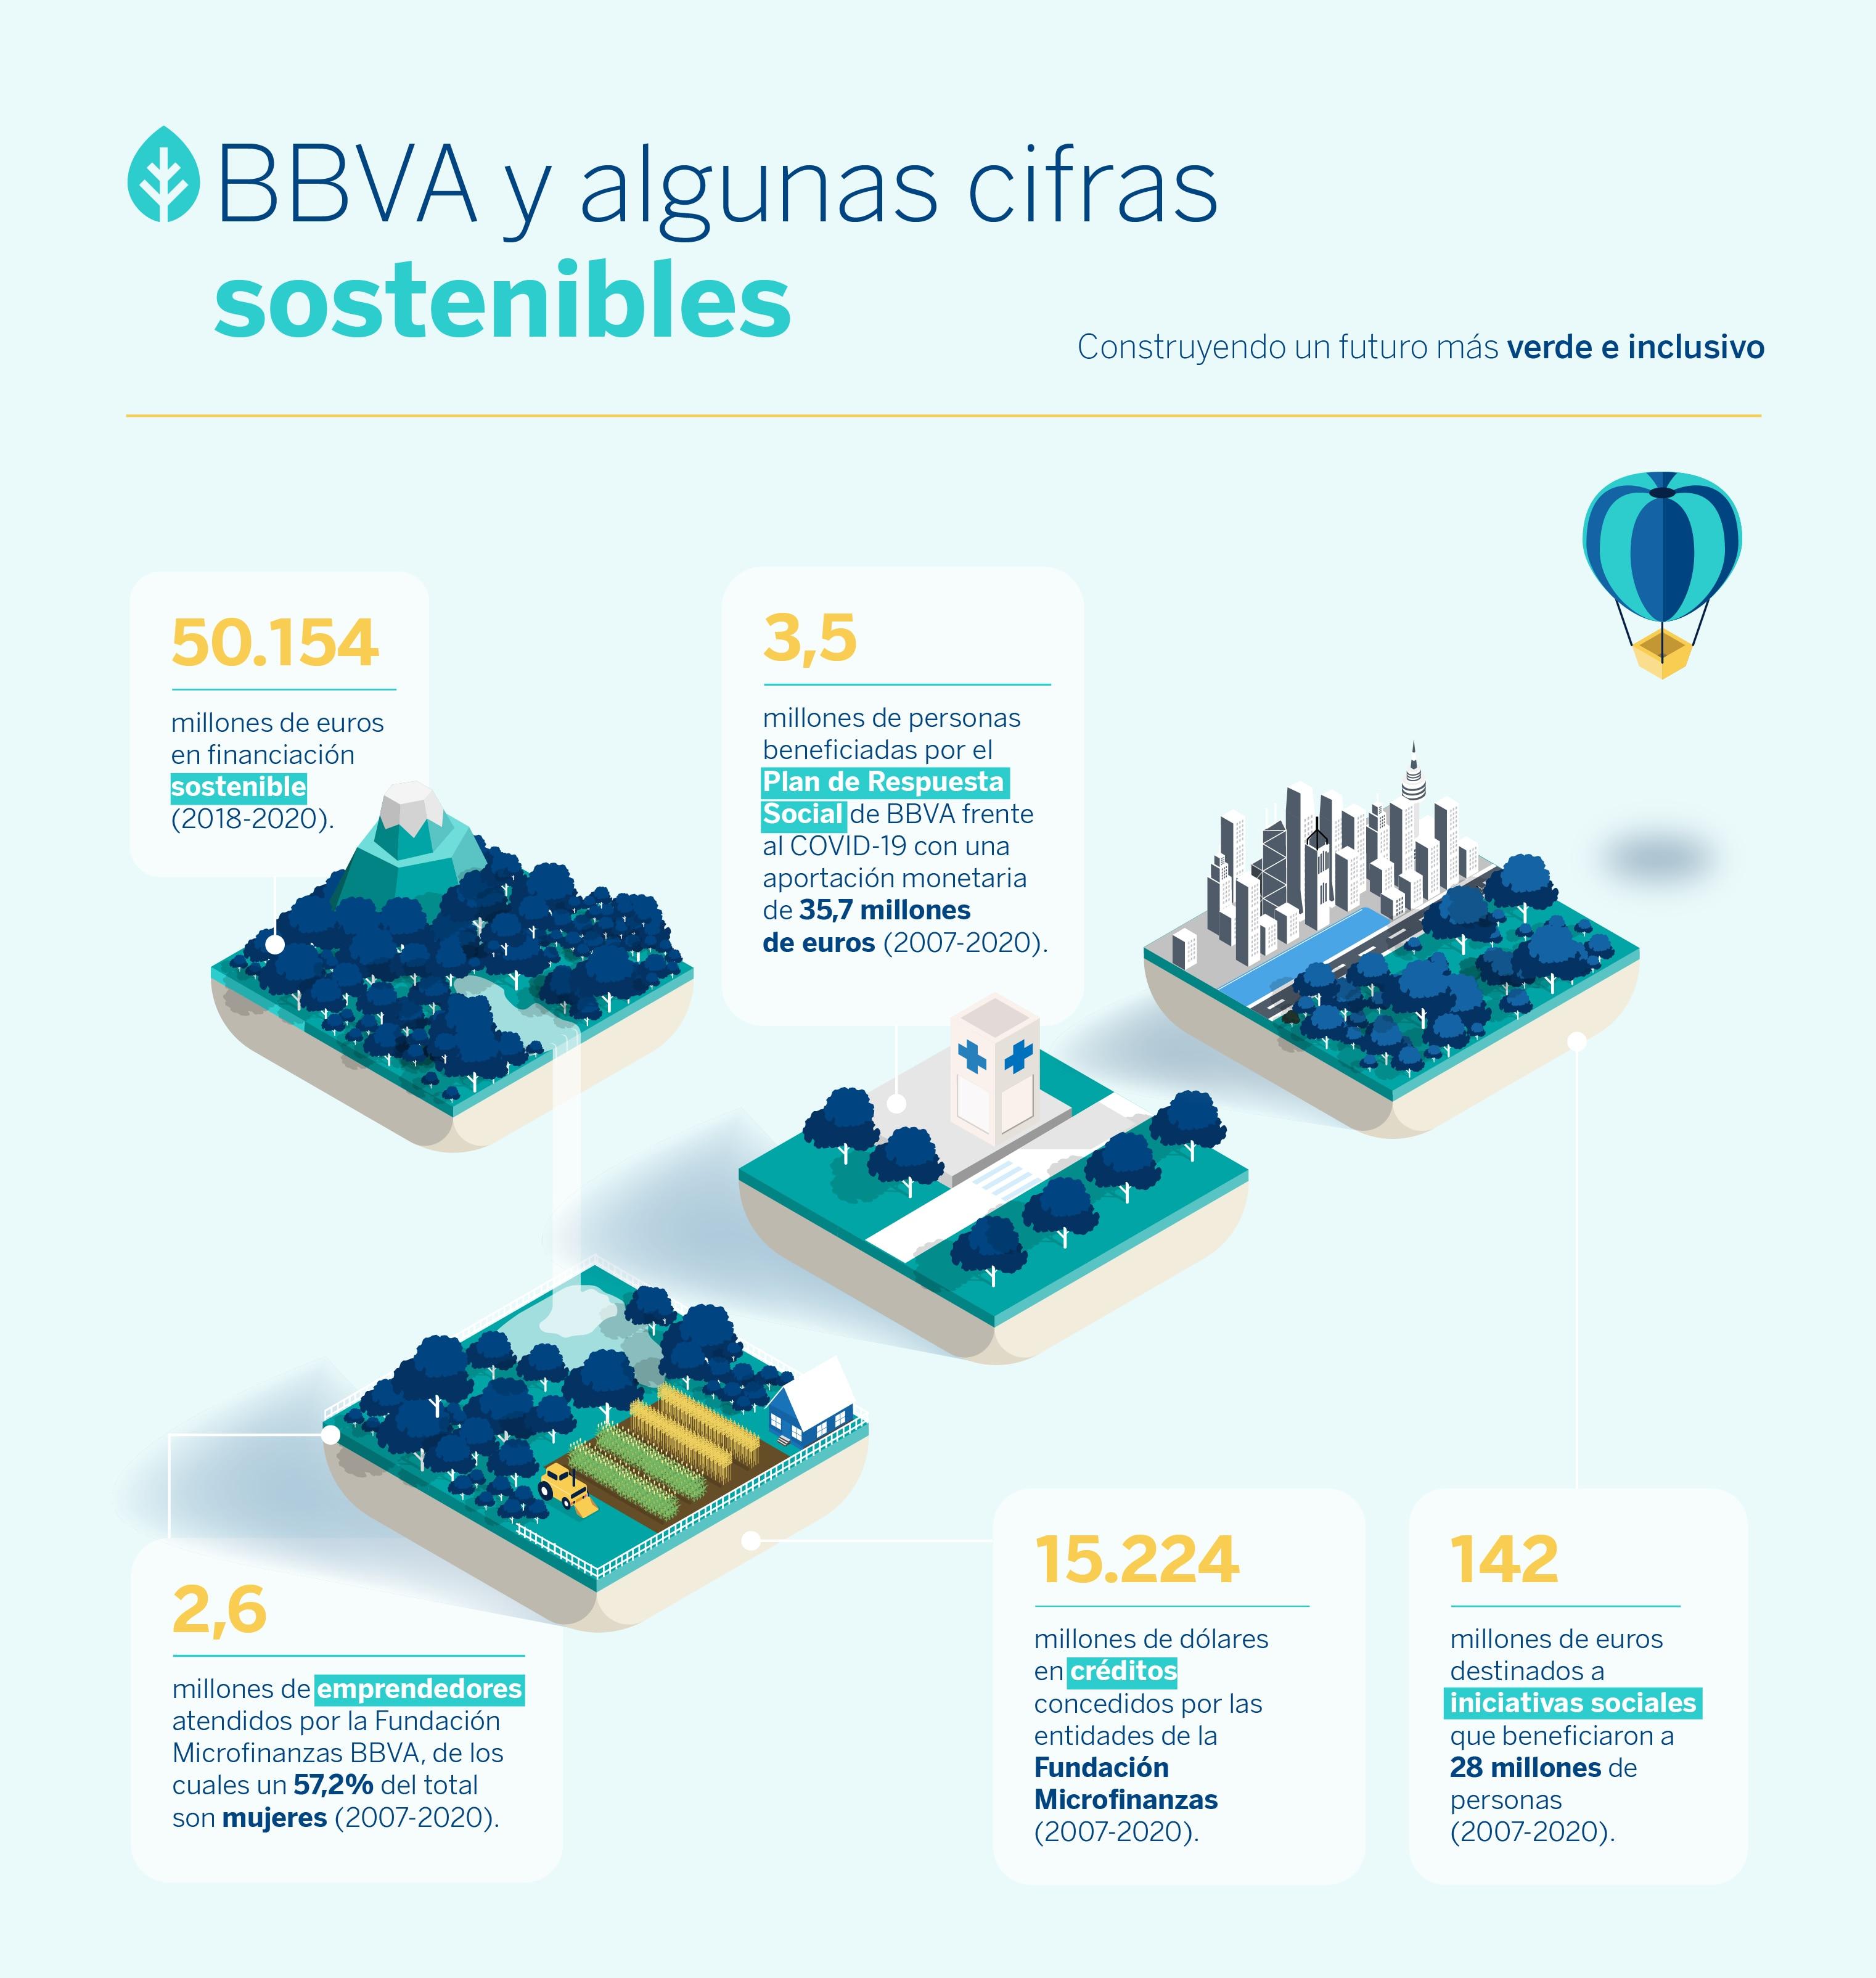 bbva-sostenibilidad-cifras-grafico